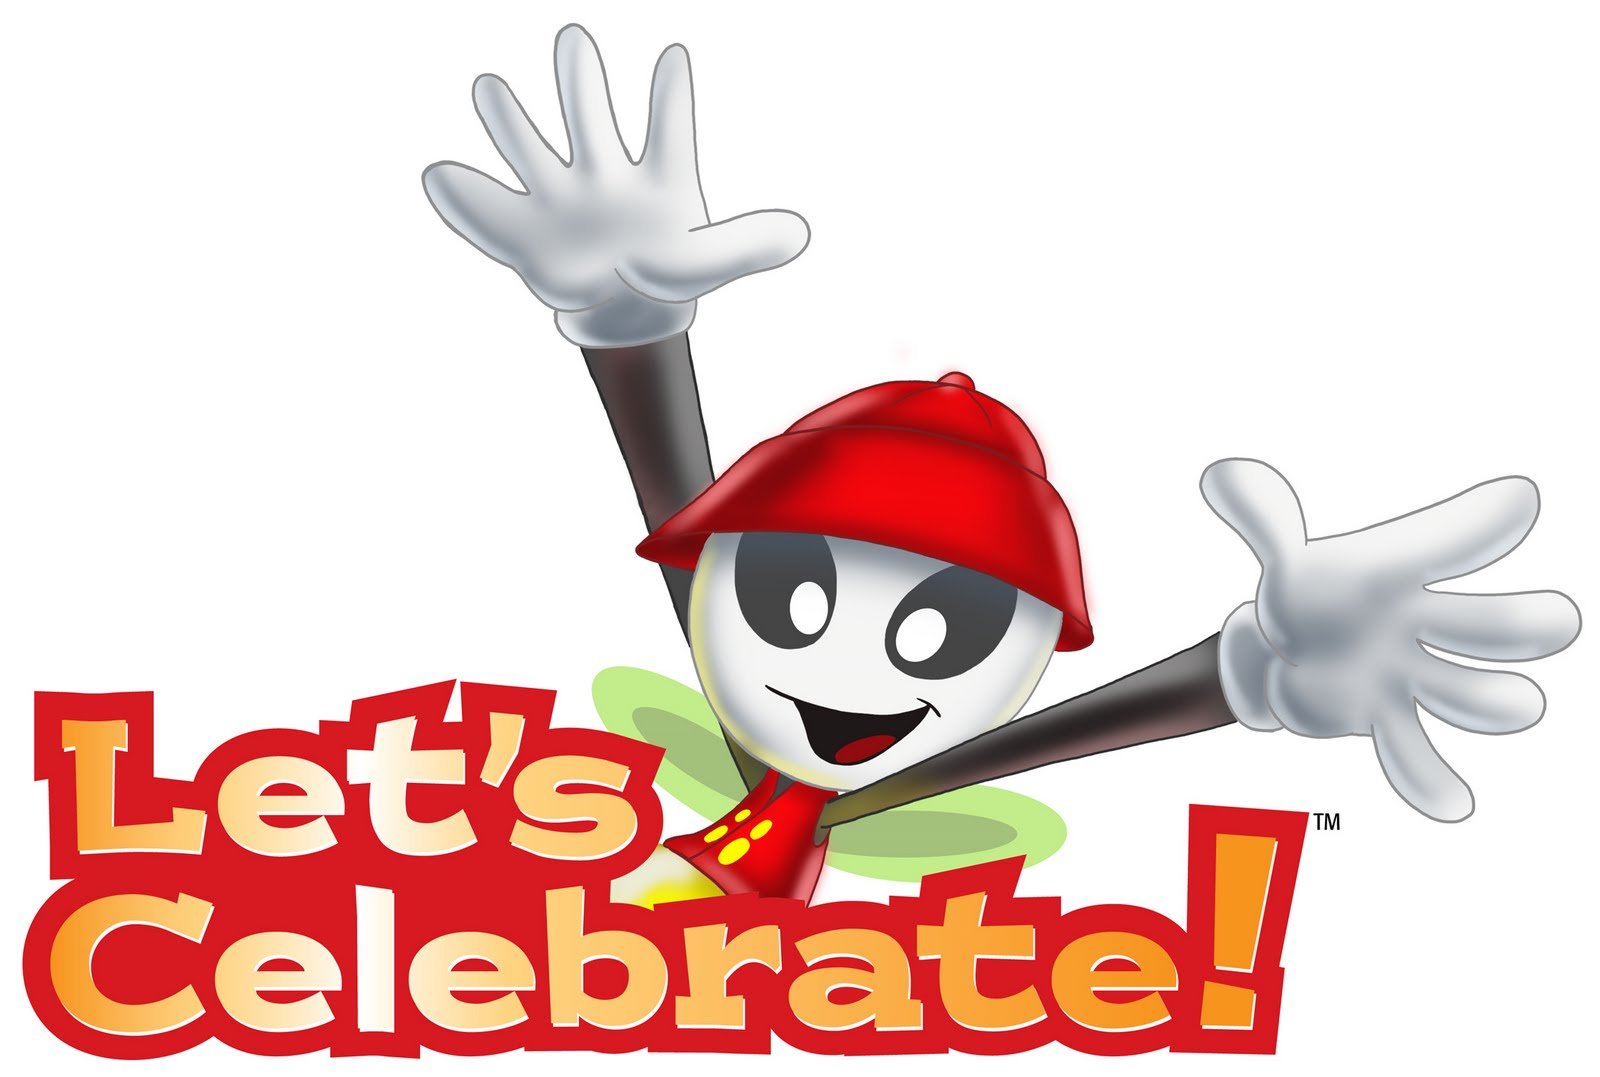 Celebrate clipart award. Cw blueprints for parents